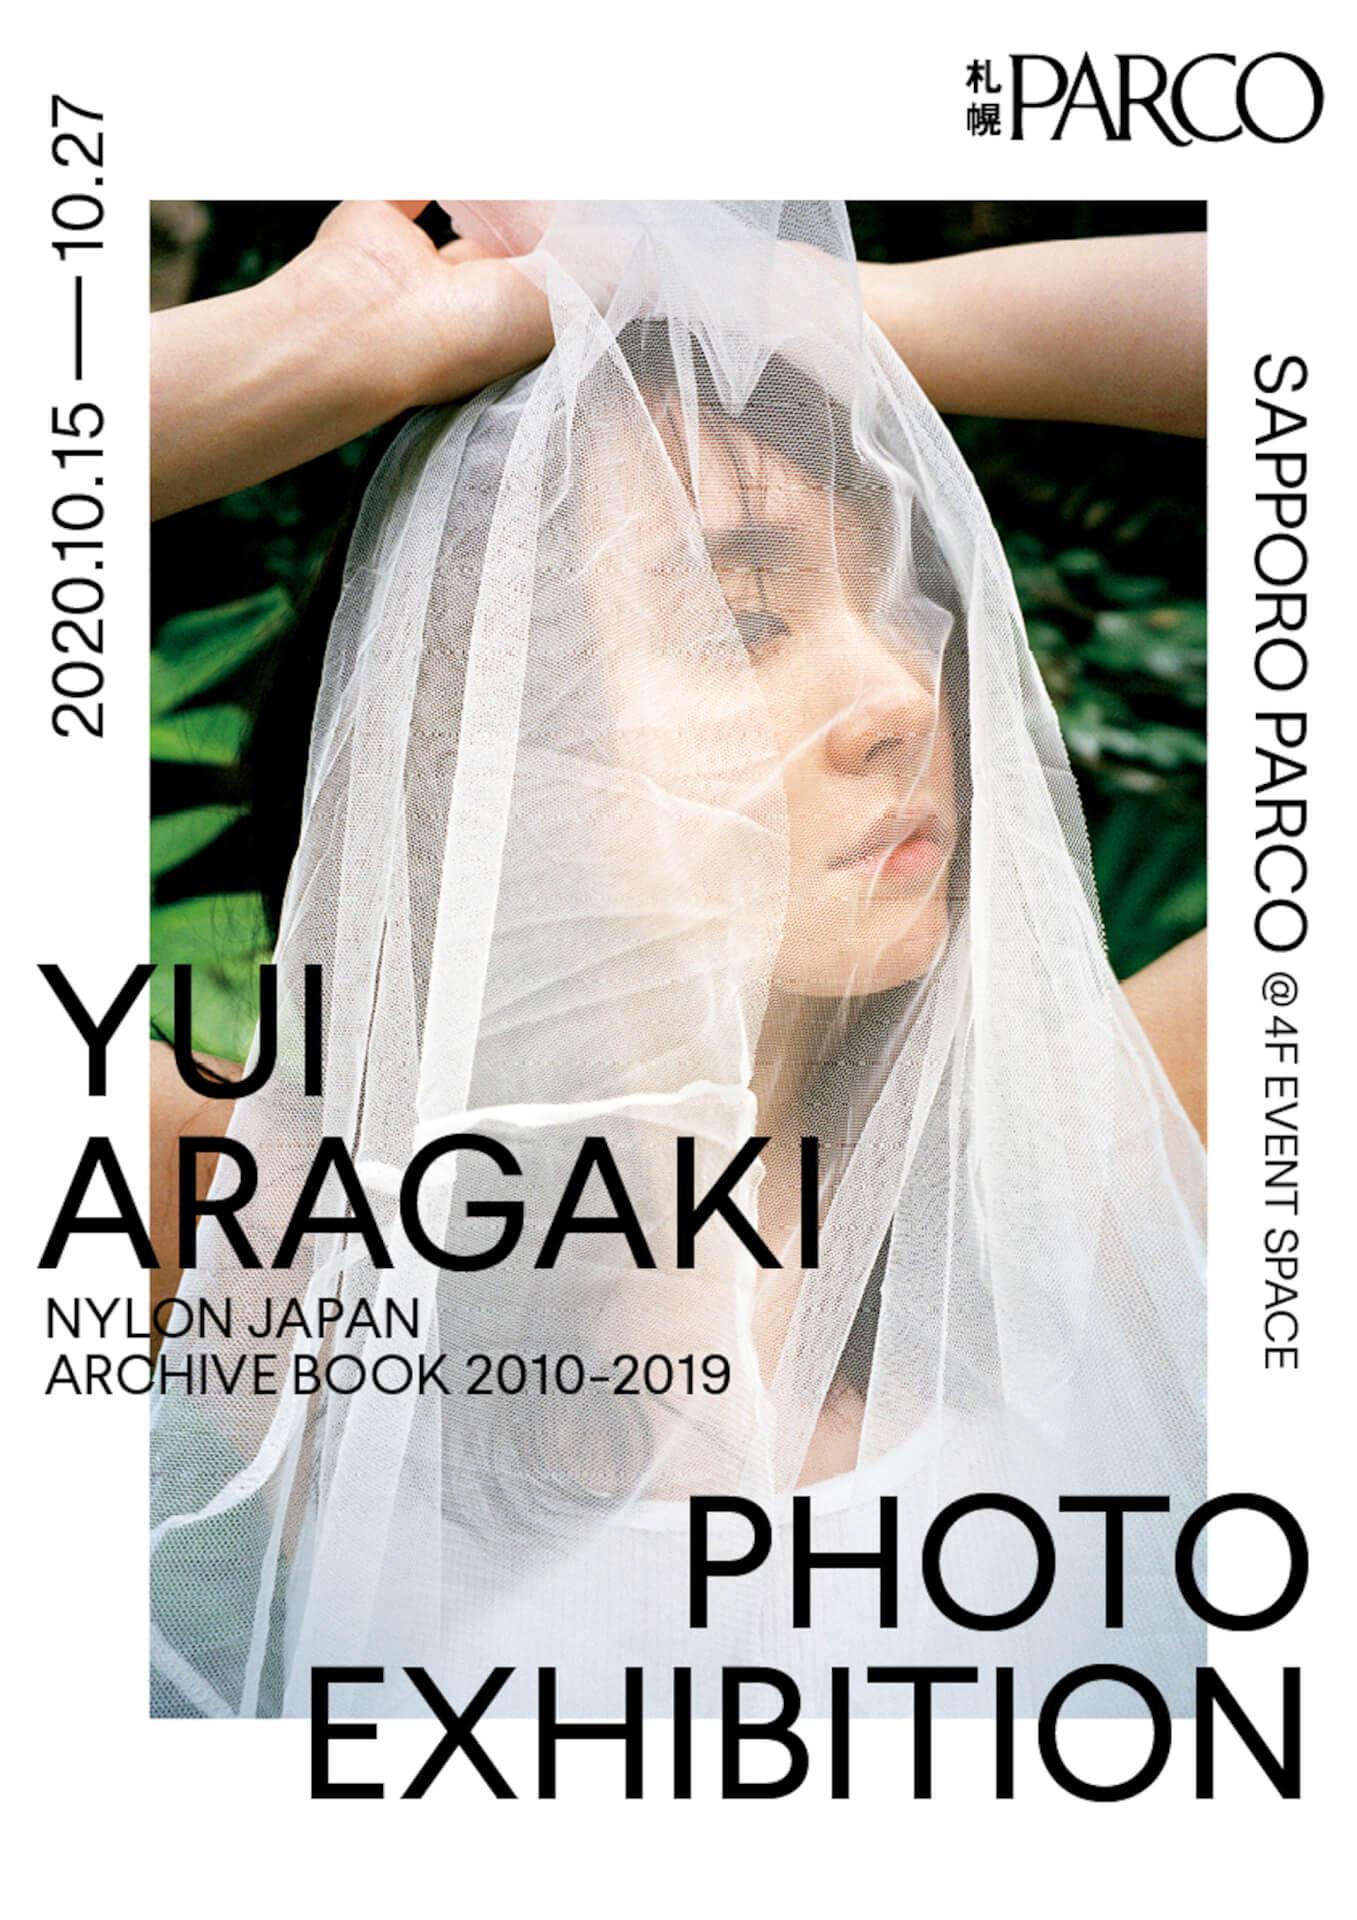 新垣結衣のNYLON JAPANでの軌跡を追った写真展が福岡、札幌、広島のPARCOでも開催決定!ガッキーマグカップの発売も art200909_aragakiyui_9